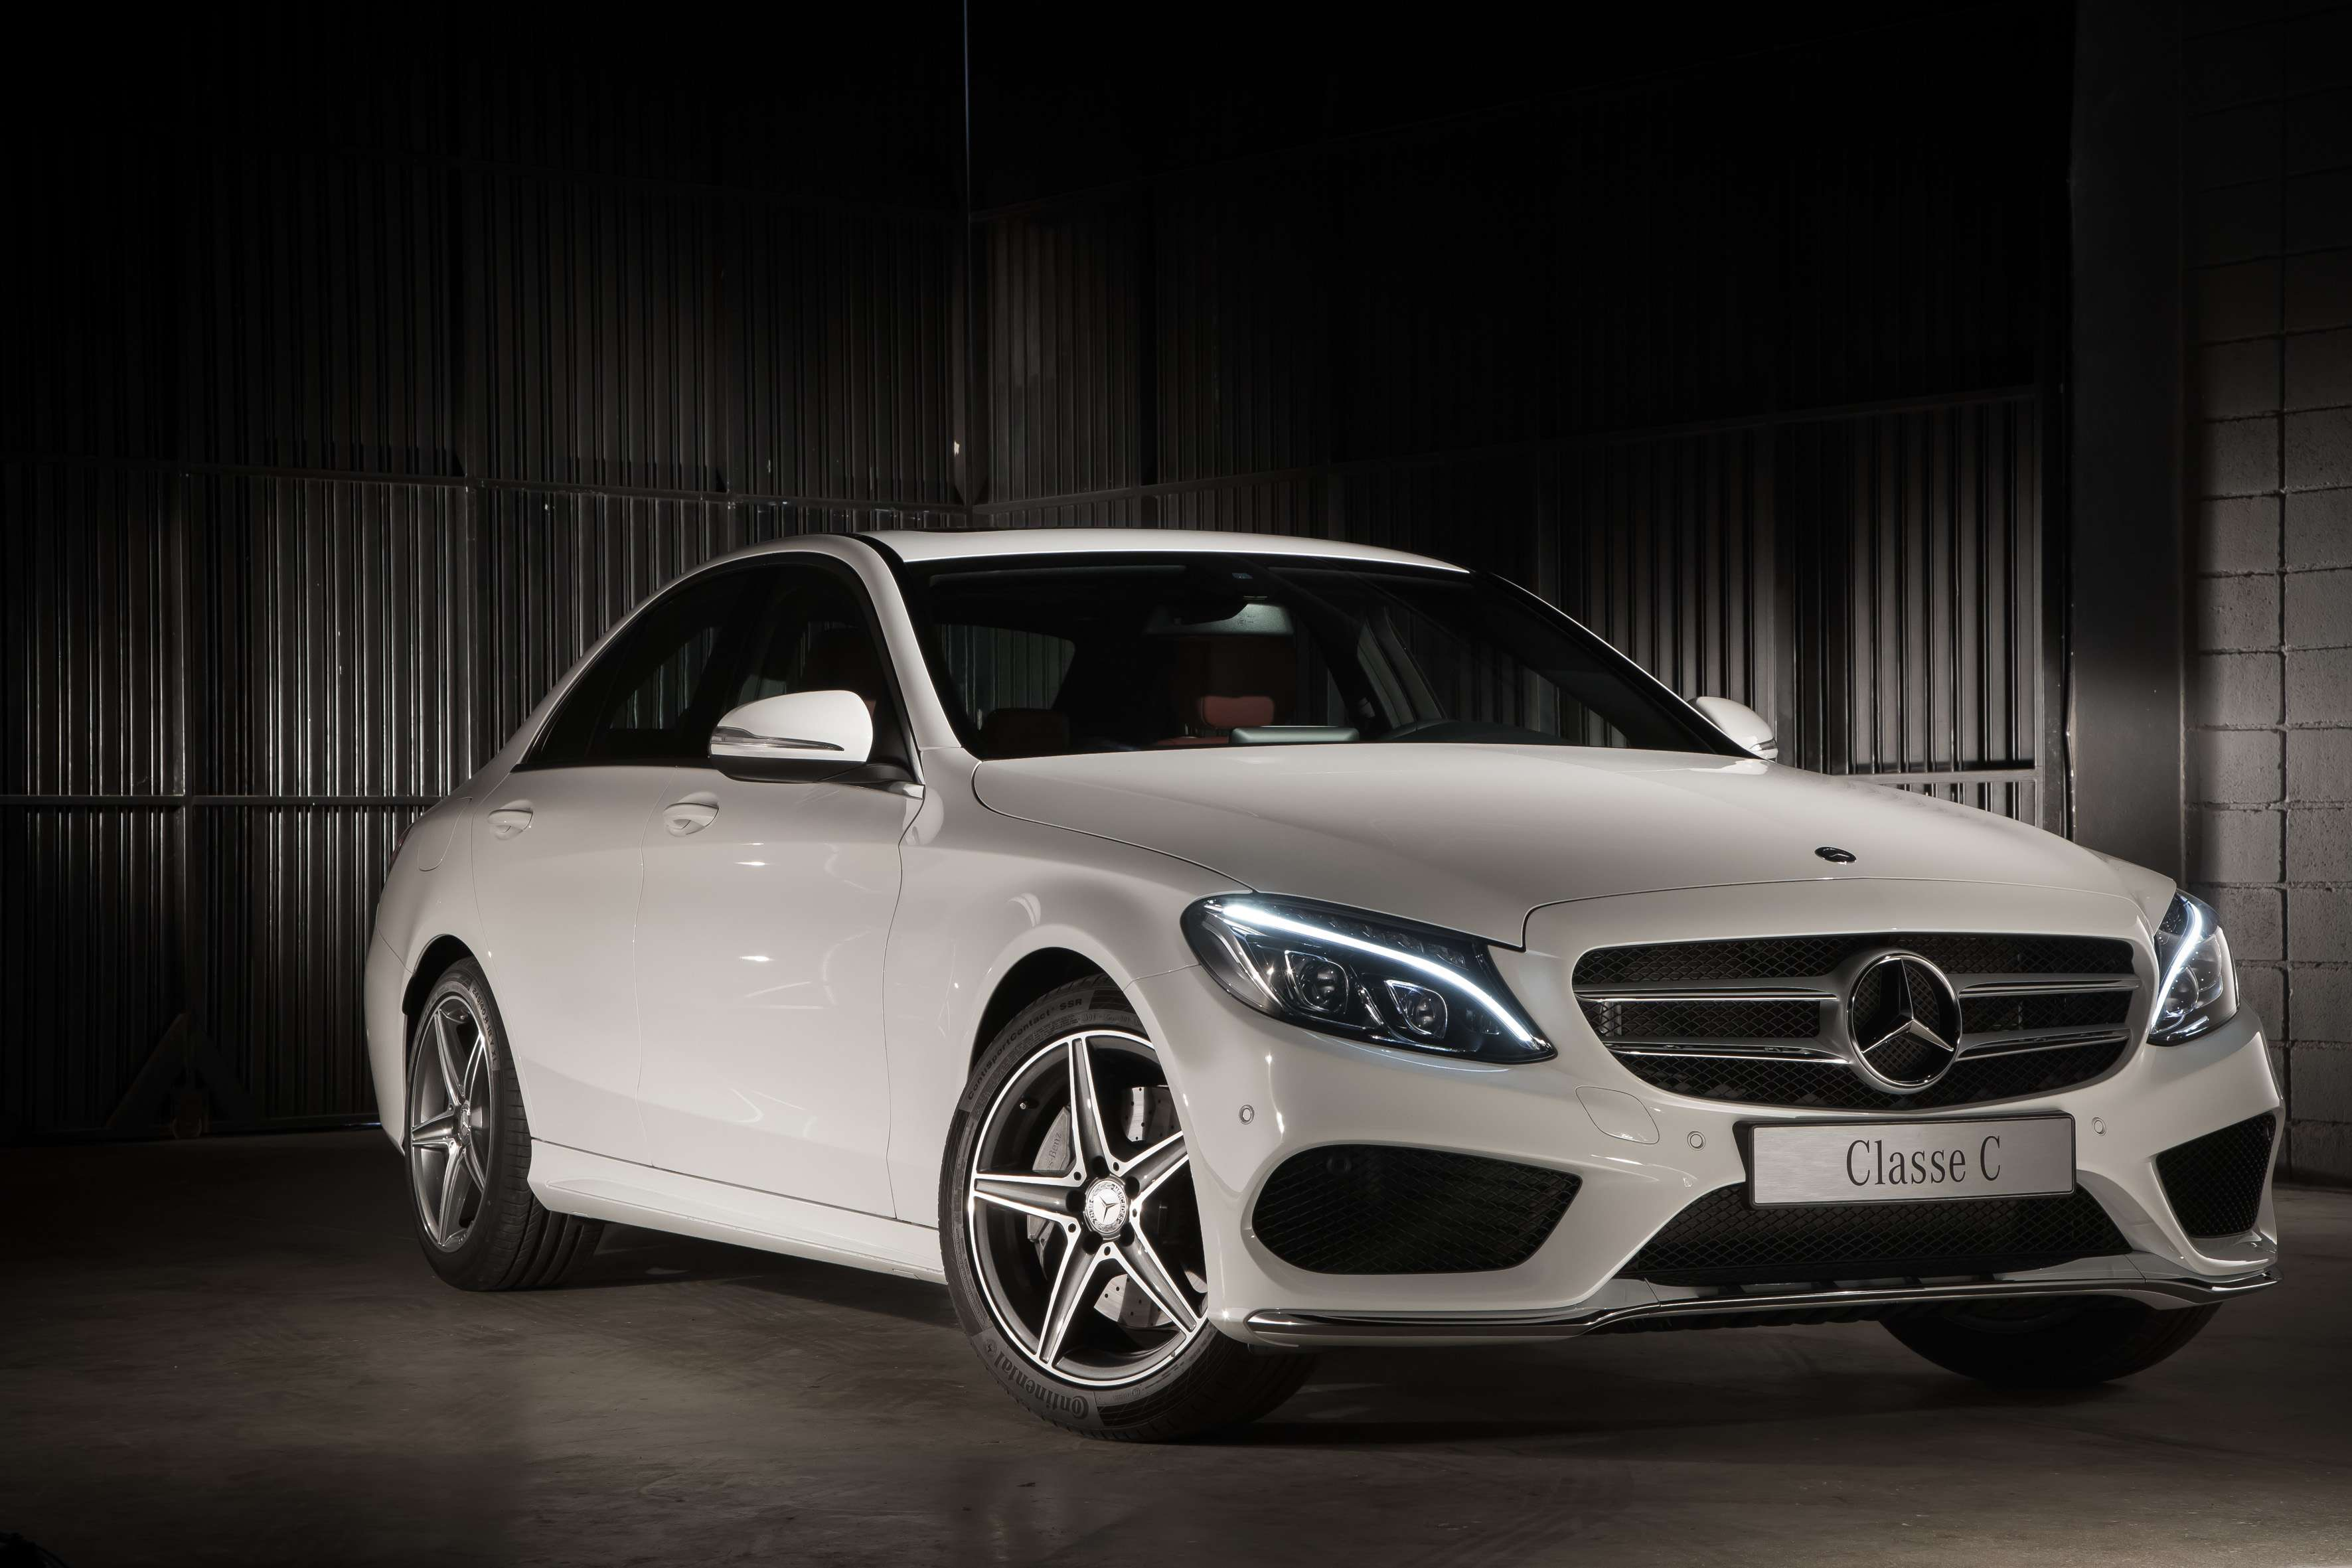 Novo Mercedes-Benz Classe C é lançado no Brasil